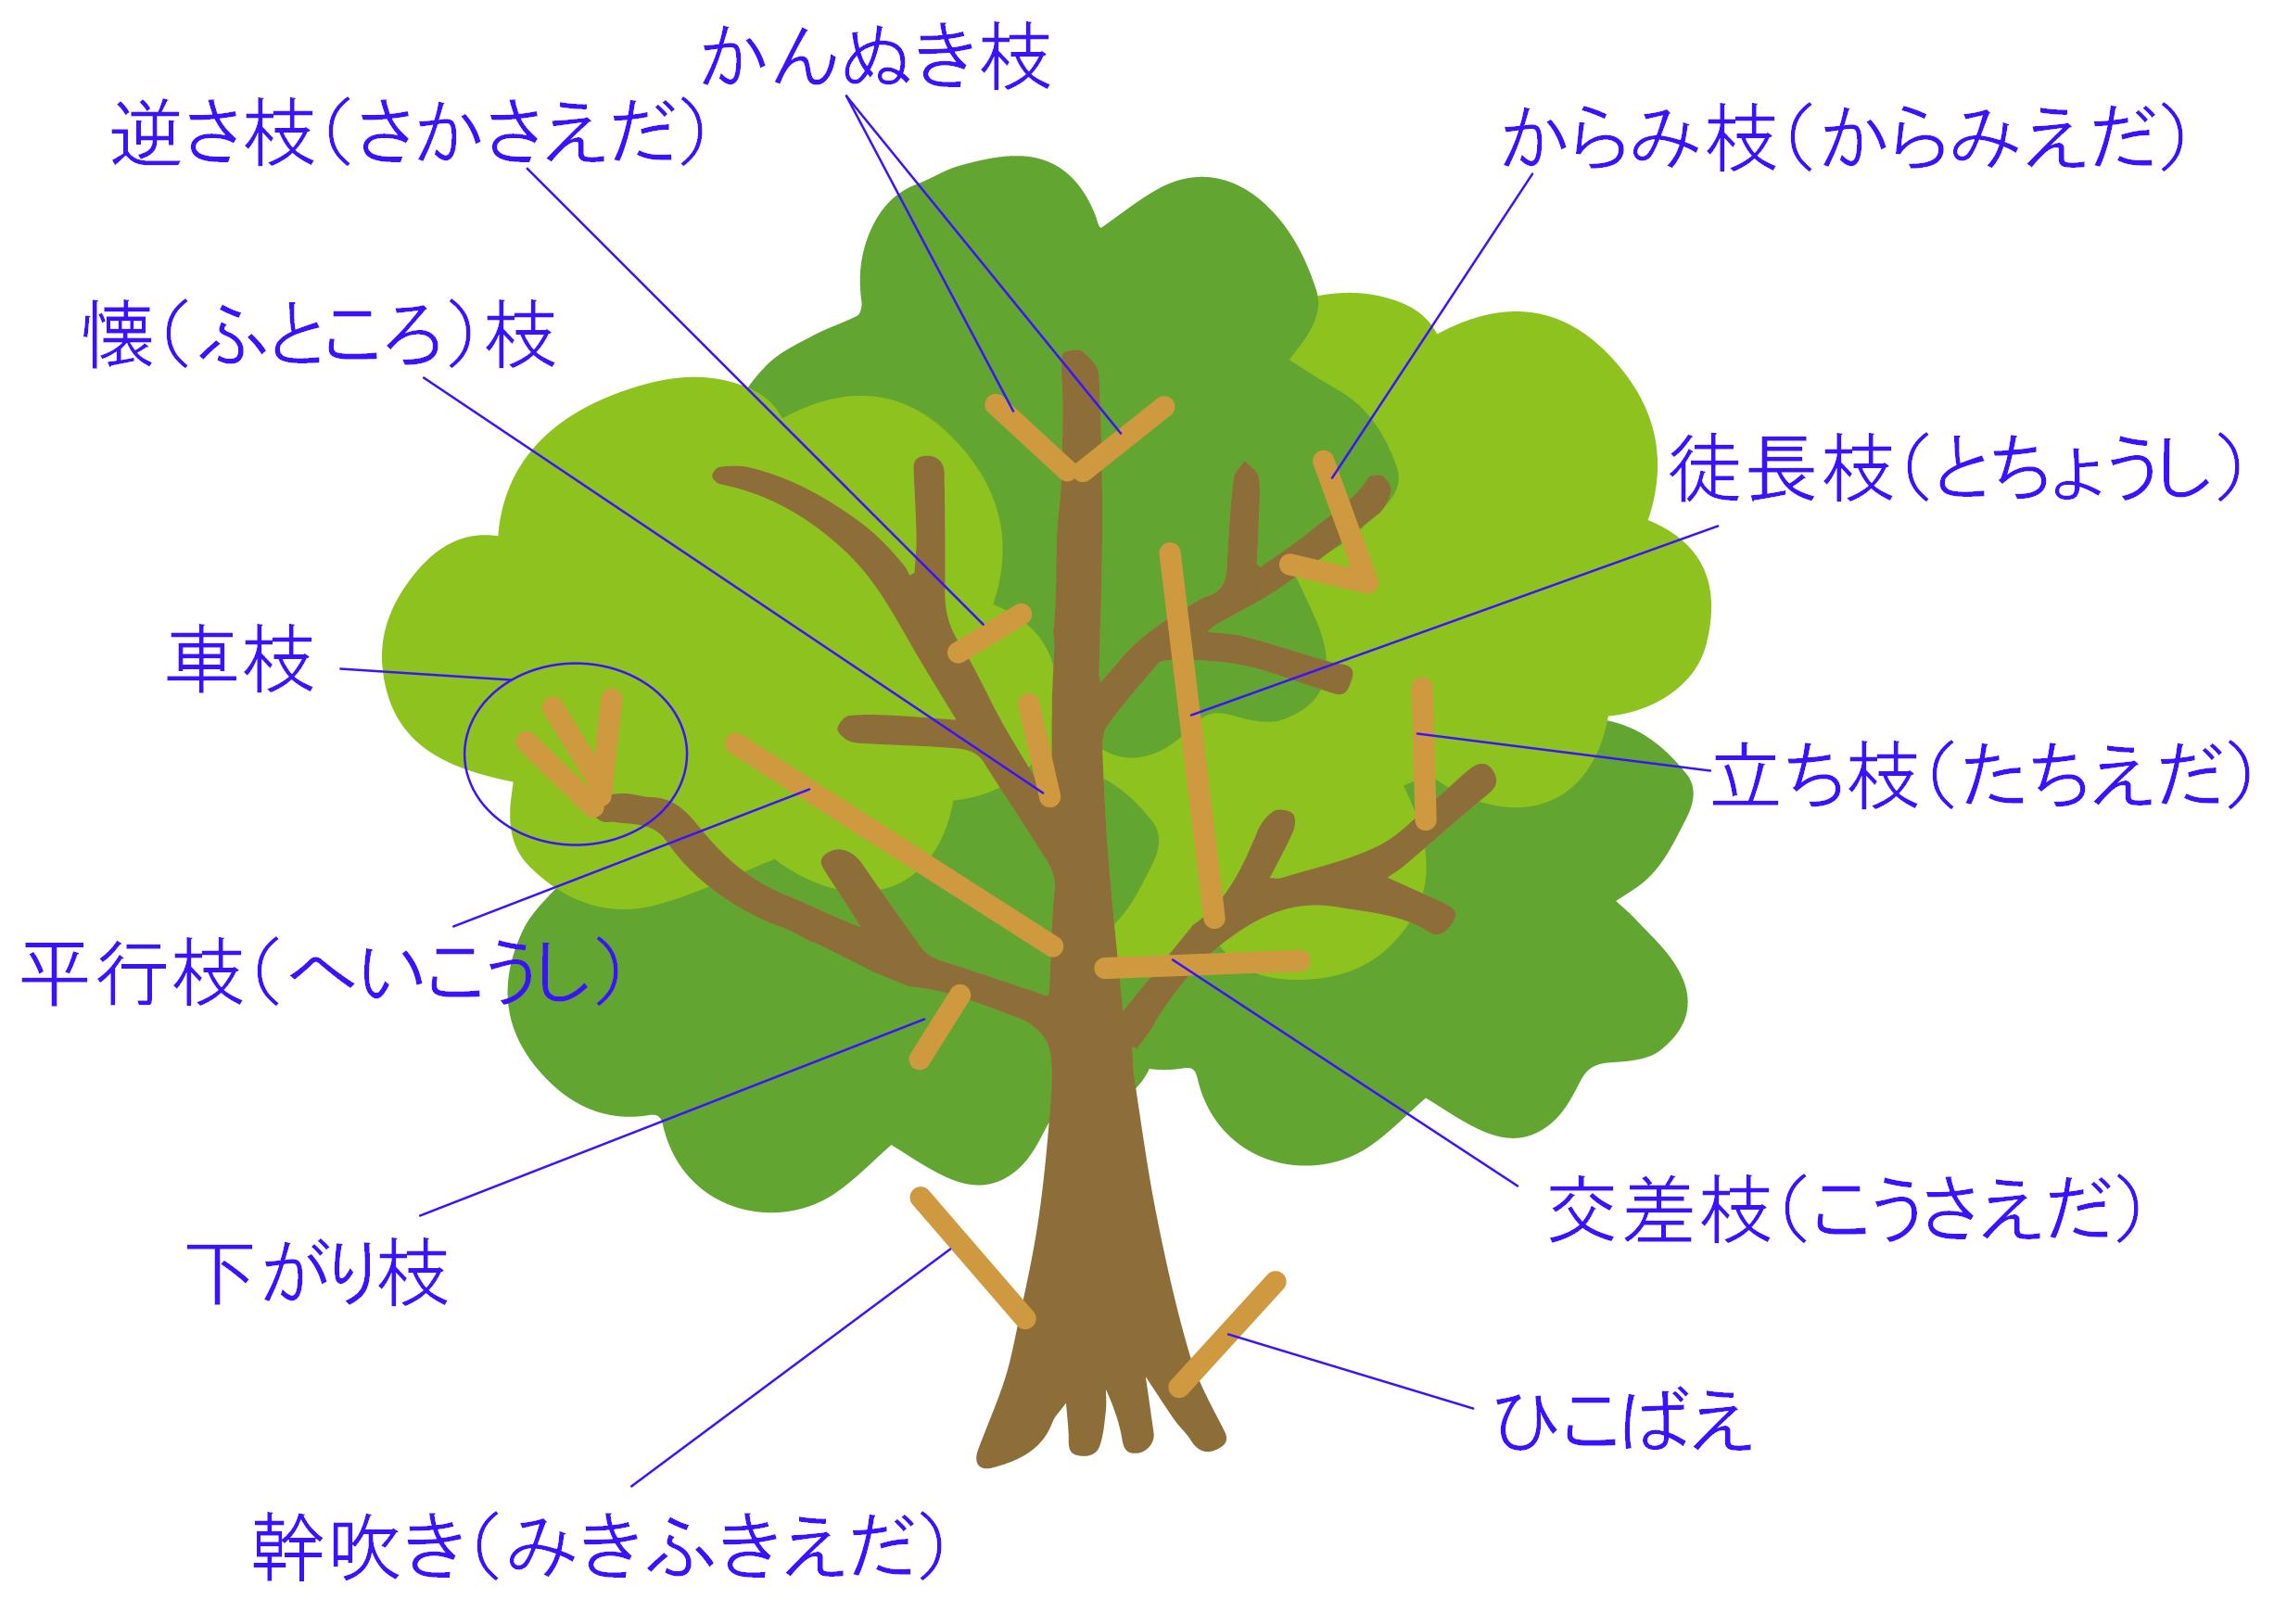 切った方がいい枝を見分けるコツ